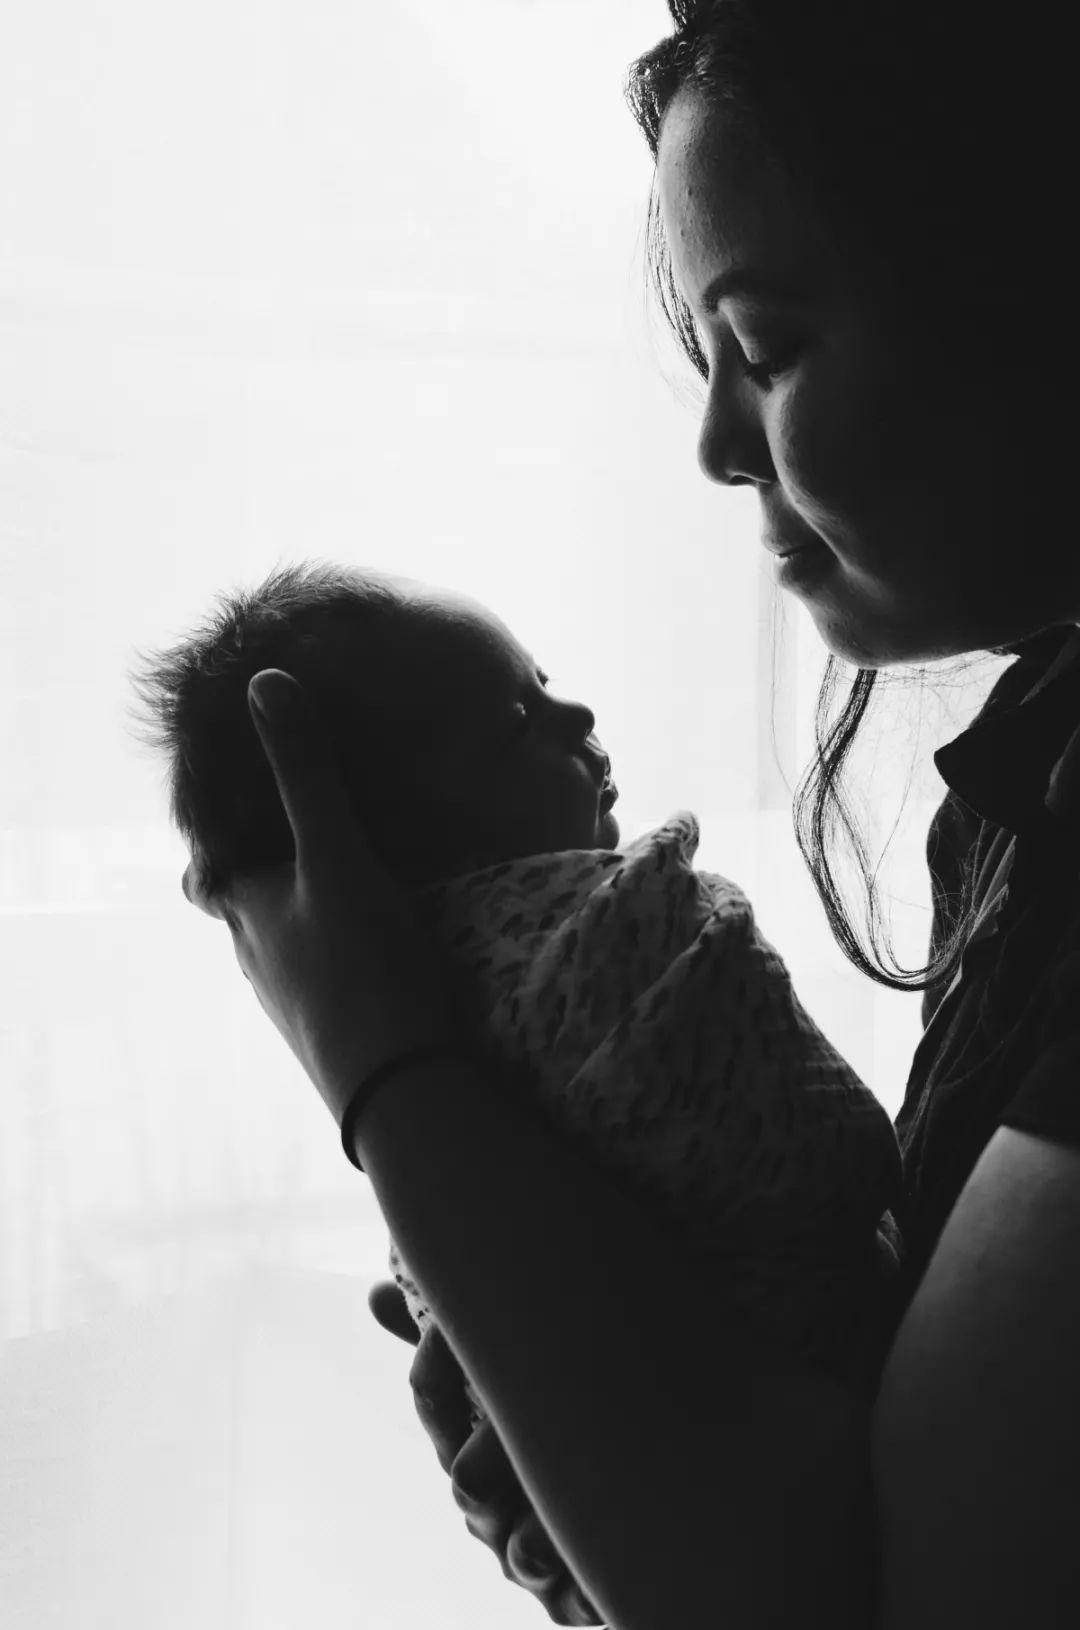 孕期经常晚睡 坑自己更坑宝宝